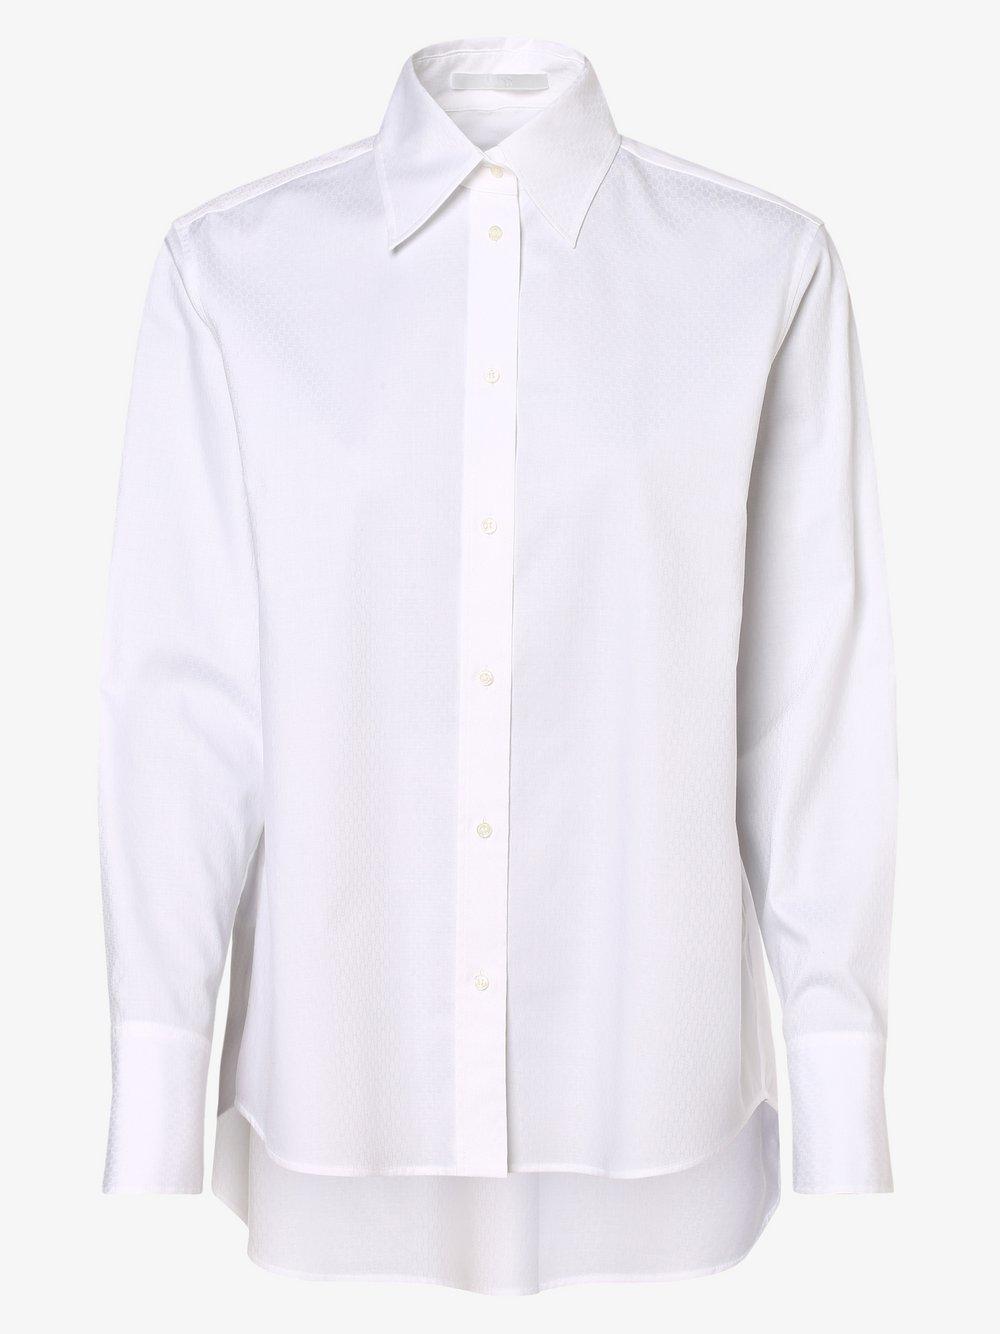 BOSS - Bluzka damska – Balldwin1, biały